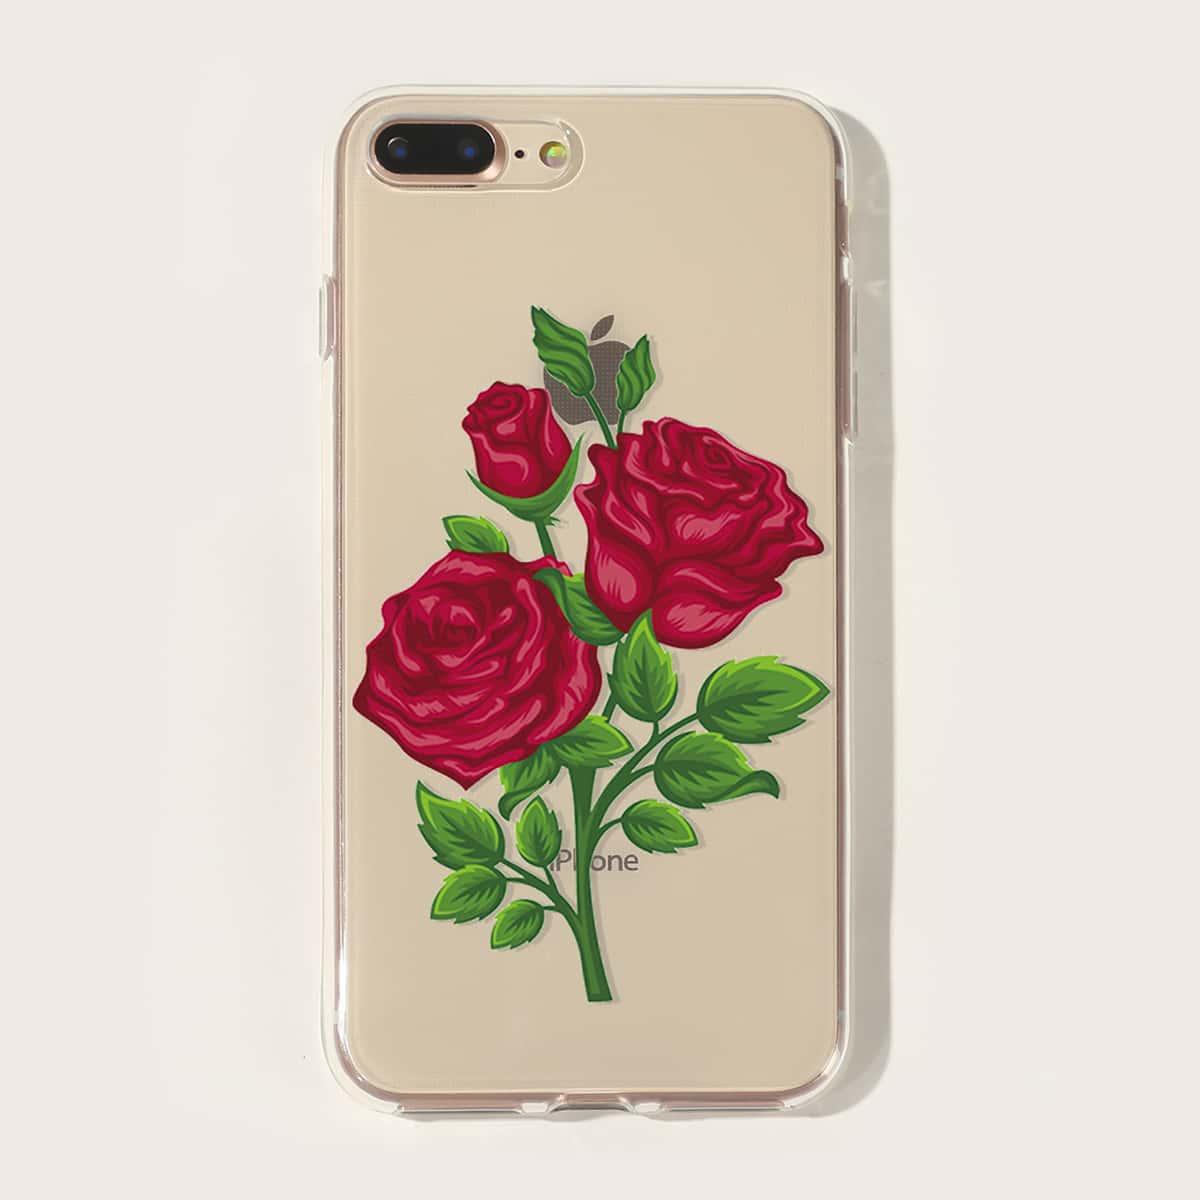 Чехол для iPhone с розовым принтом